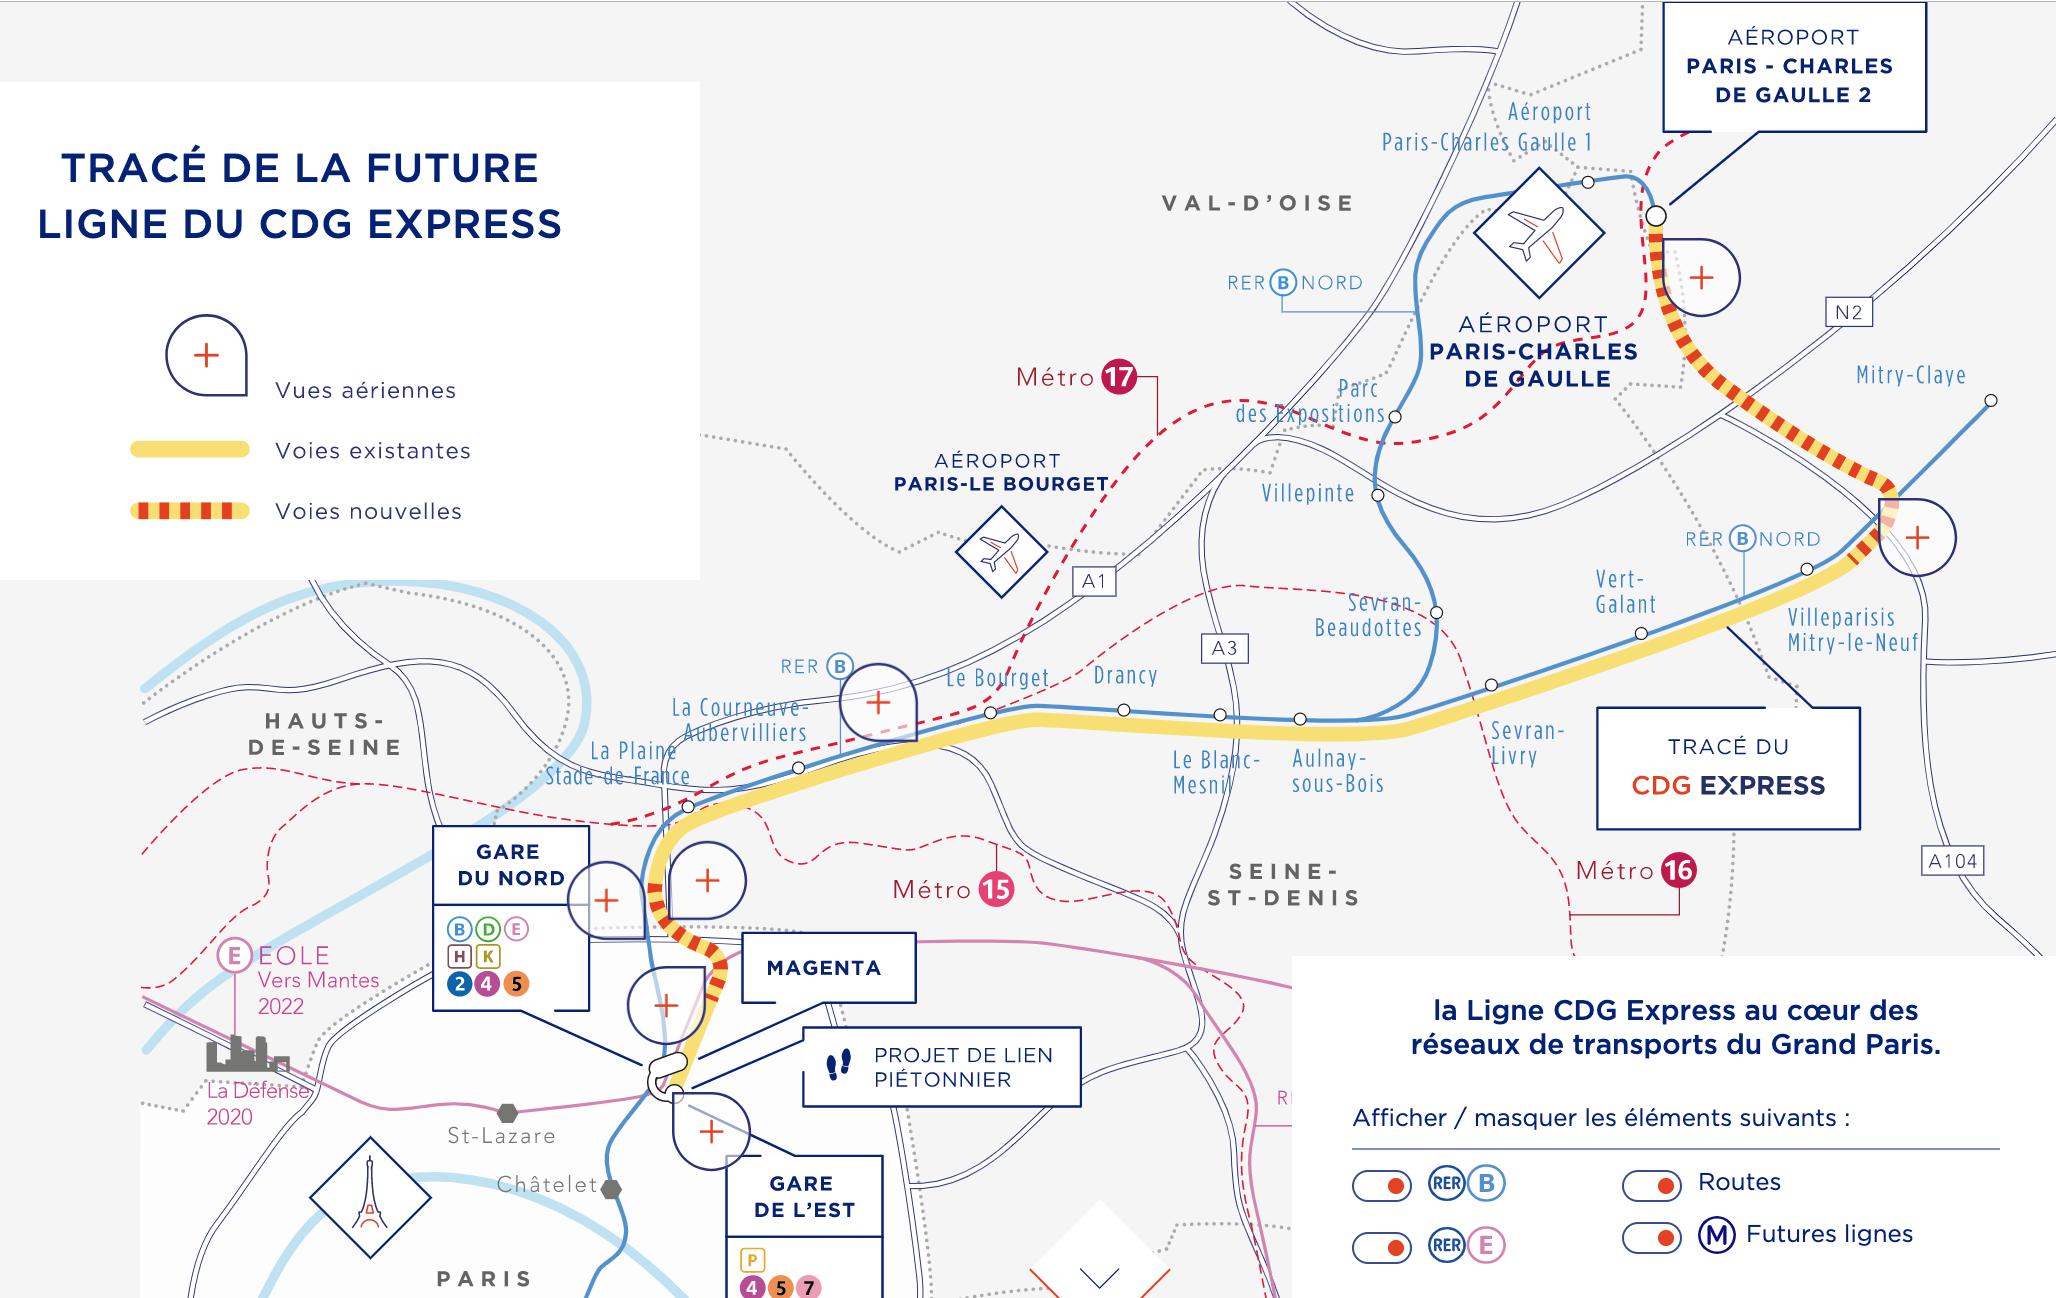 Le trajet du futur CDG Express © Capture d'écran